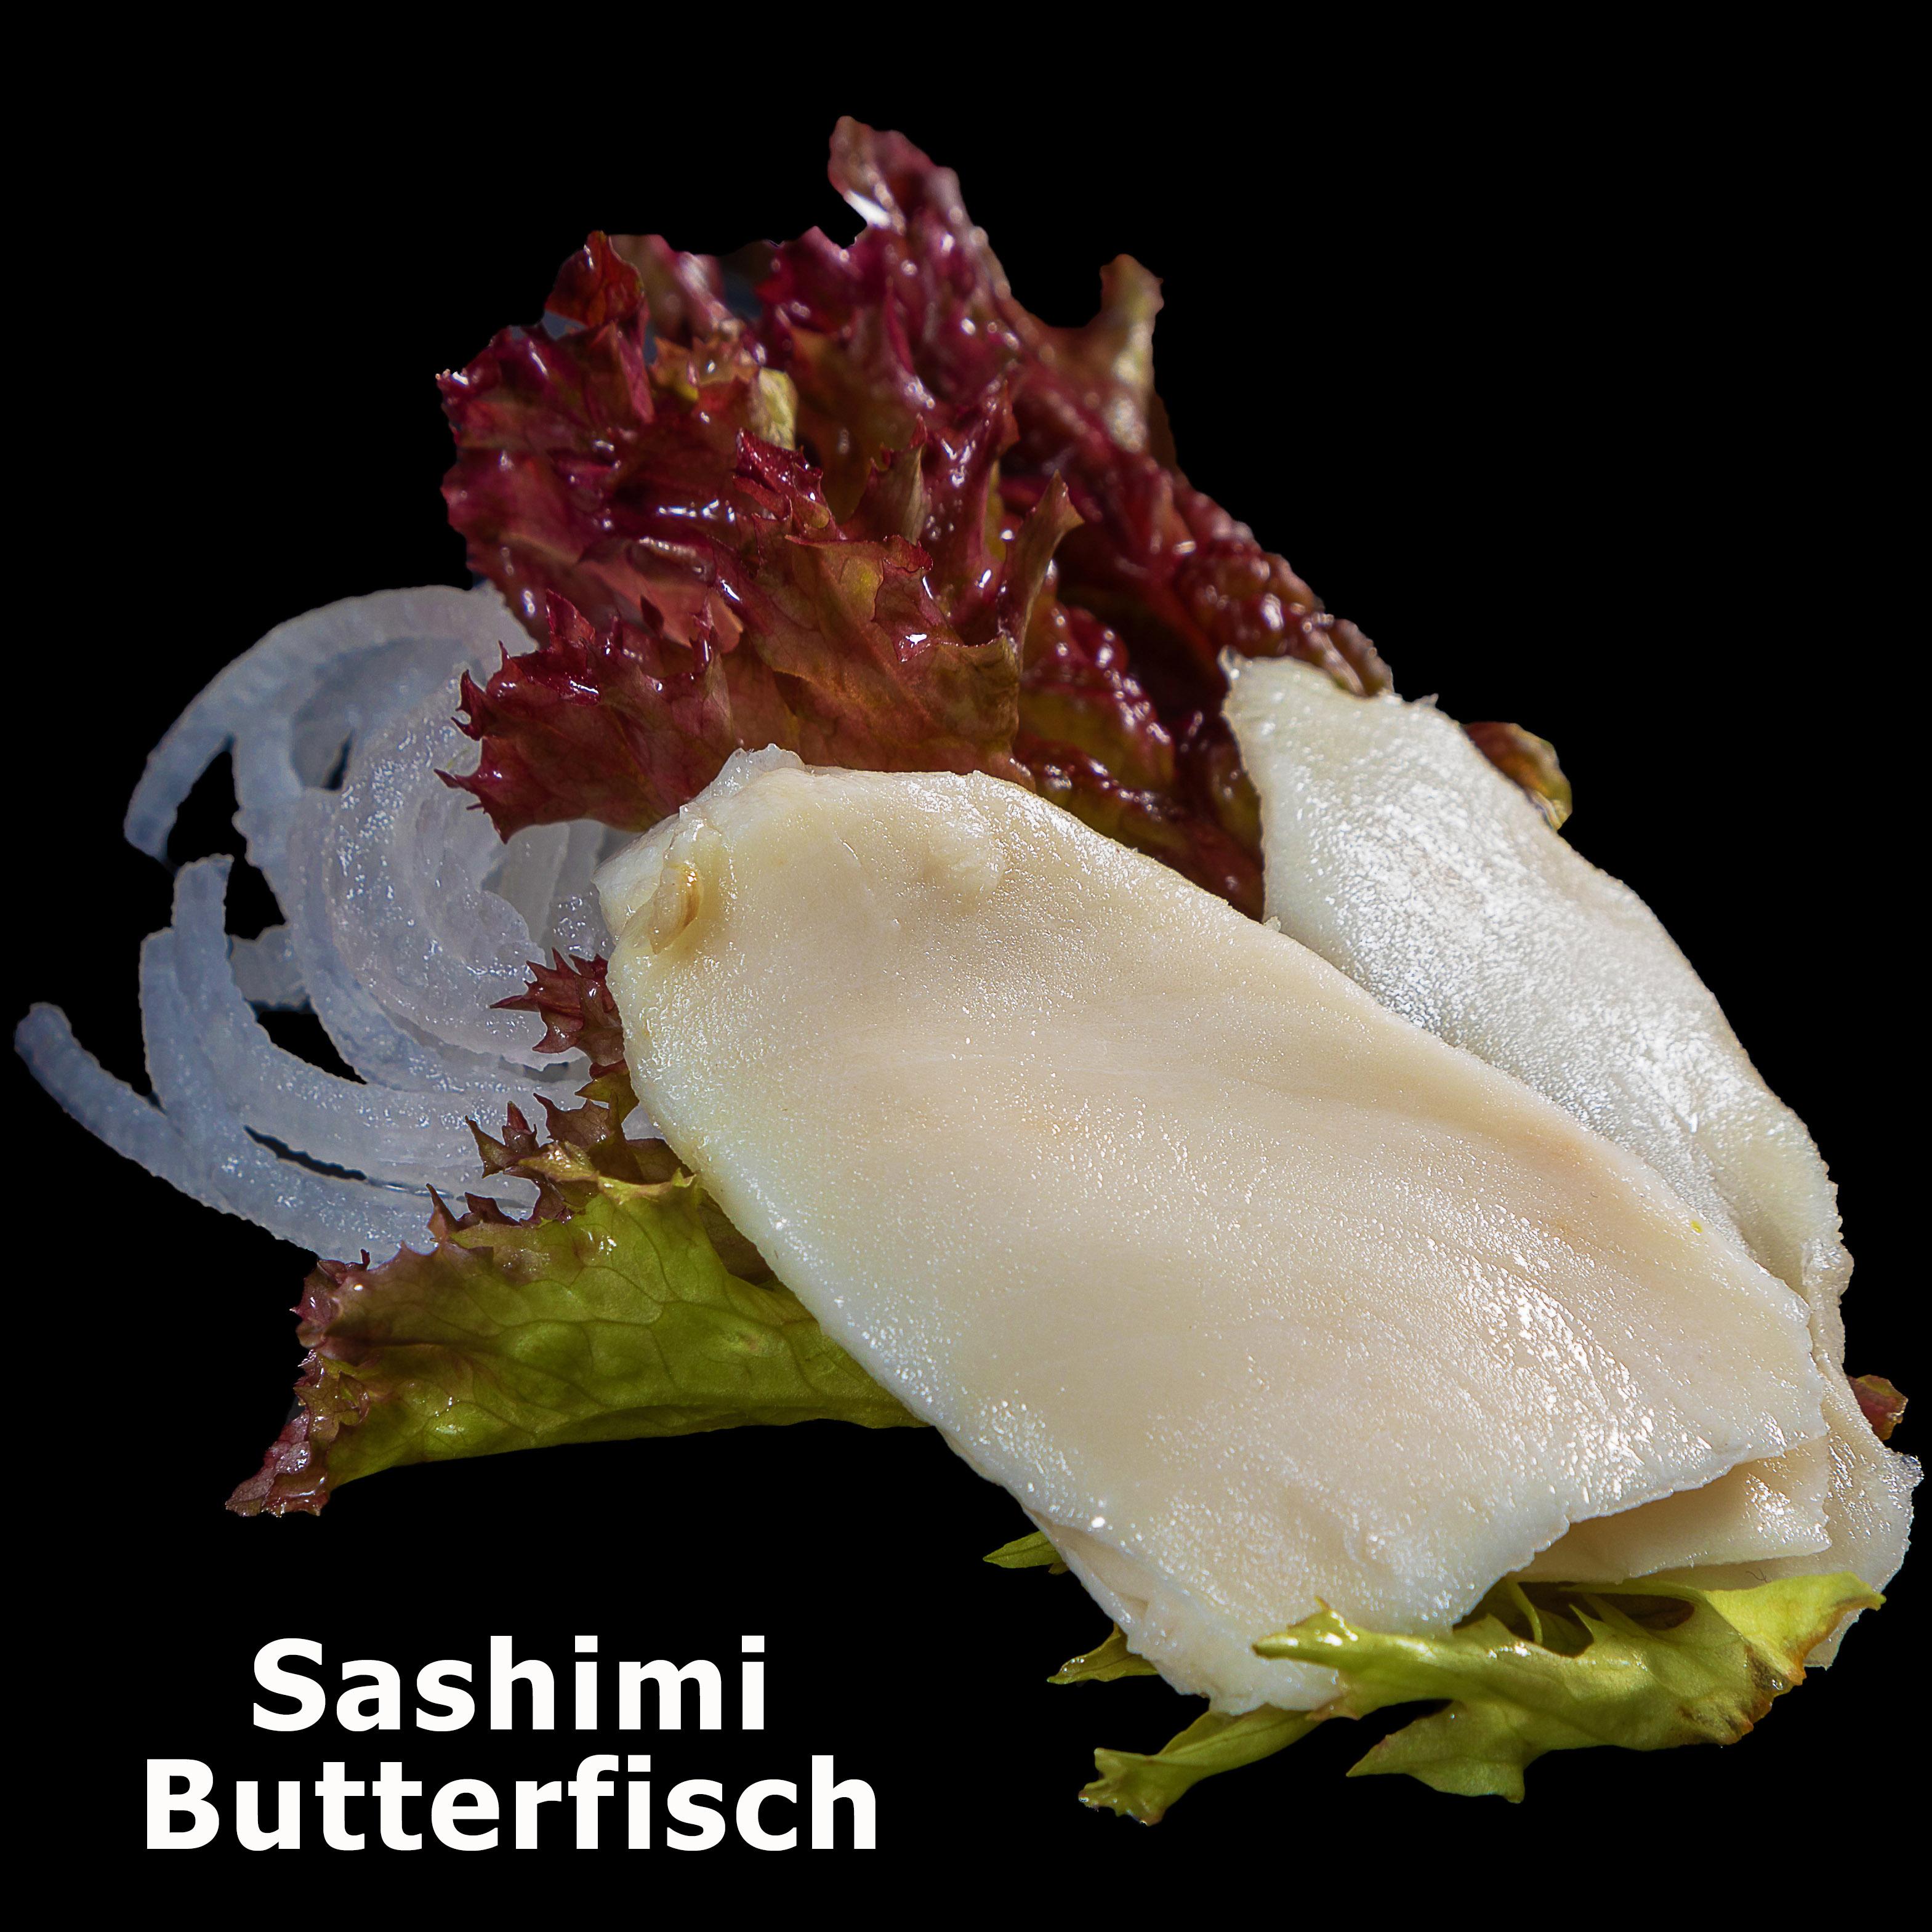 75. Sashimi Butterfisch